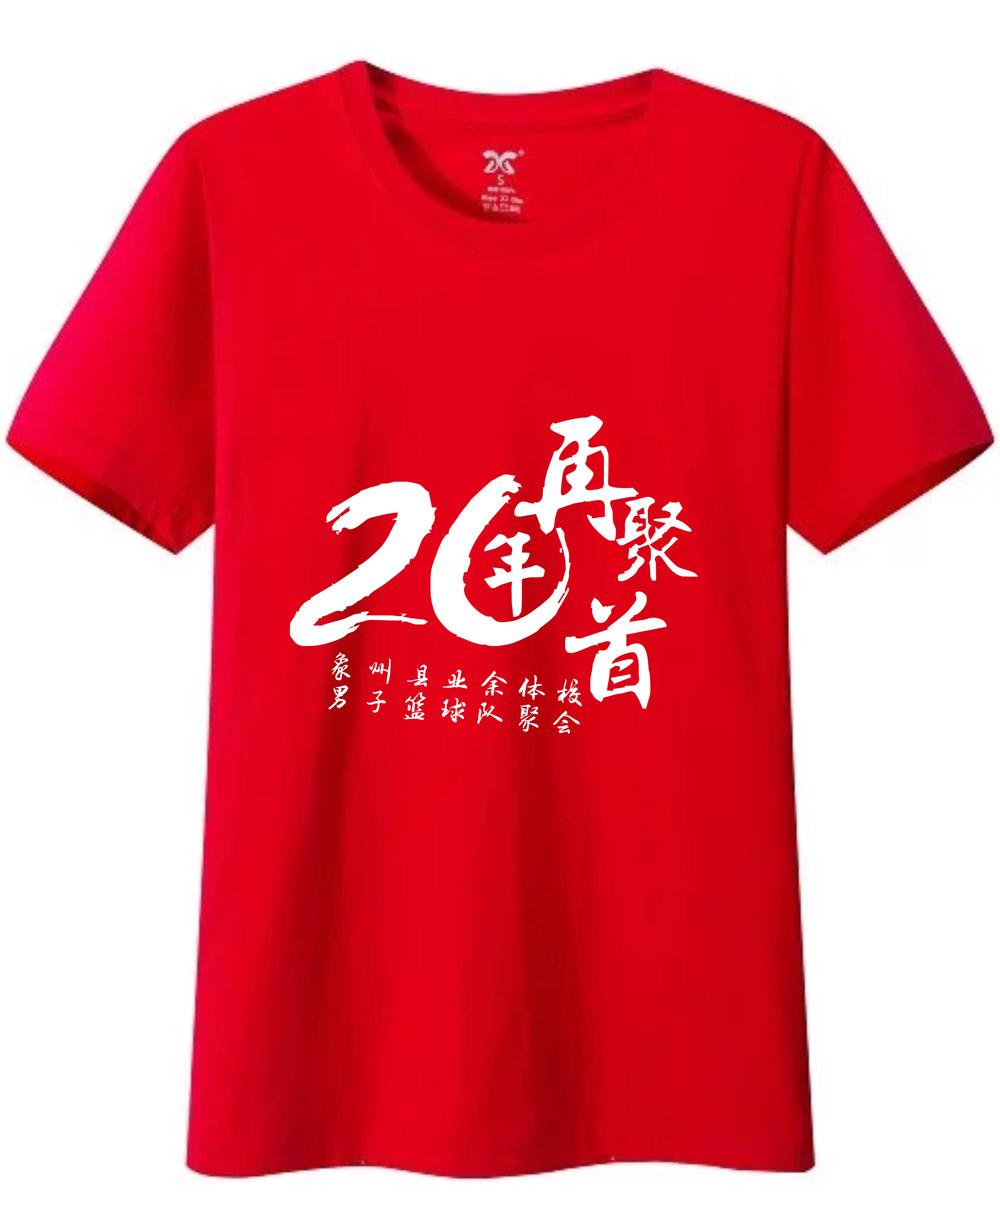 同学聚会文化衫